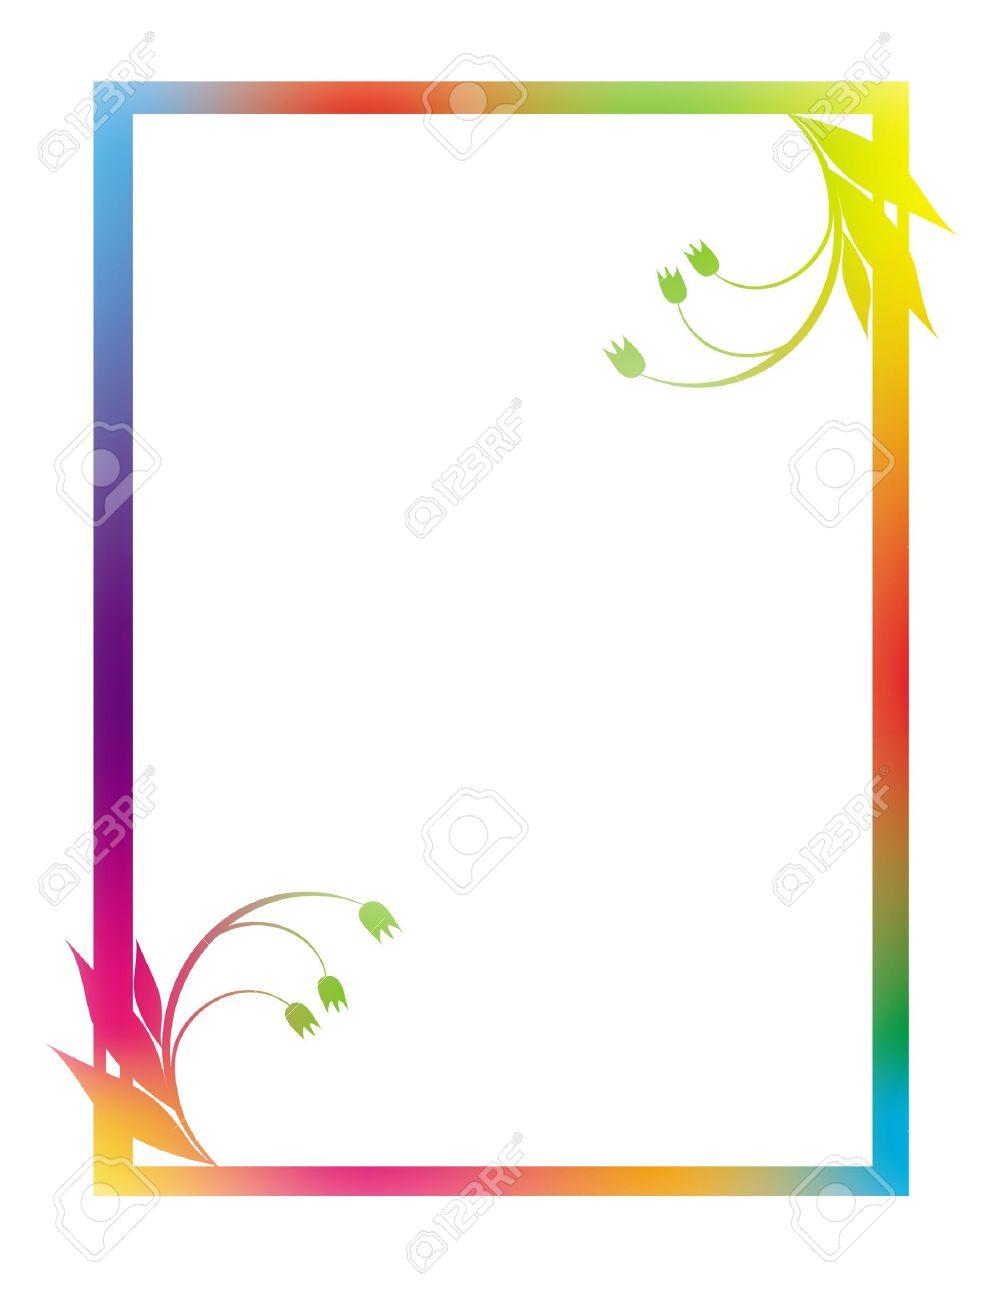 Hermosa Marco De Imagen De Color Amarillo Imagen - Ideas ...